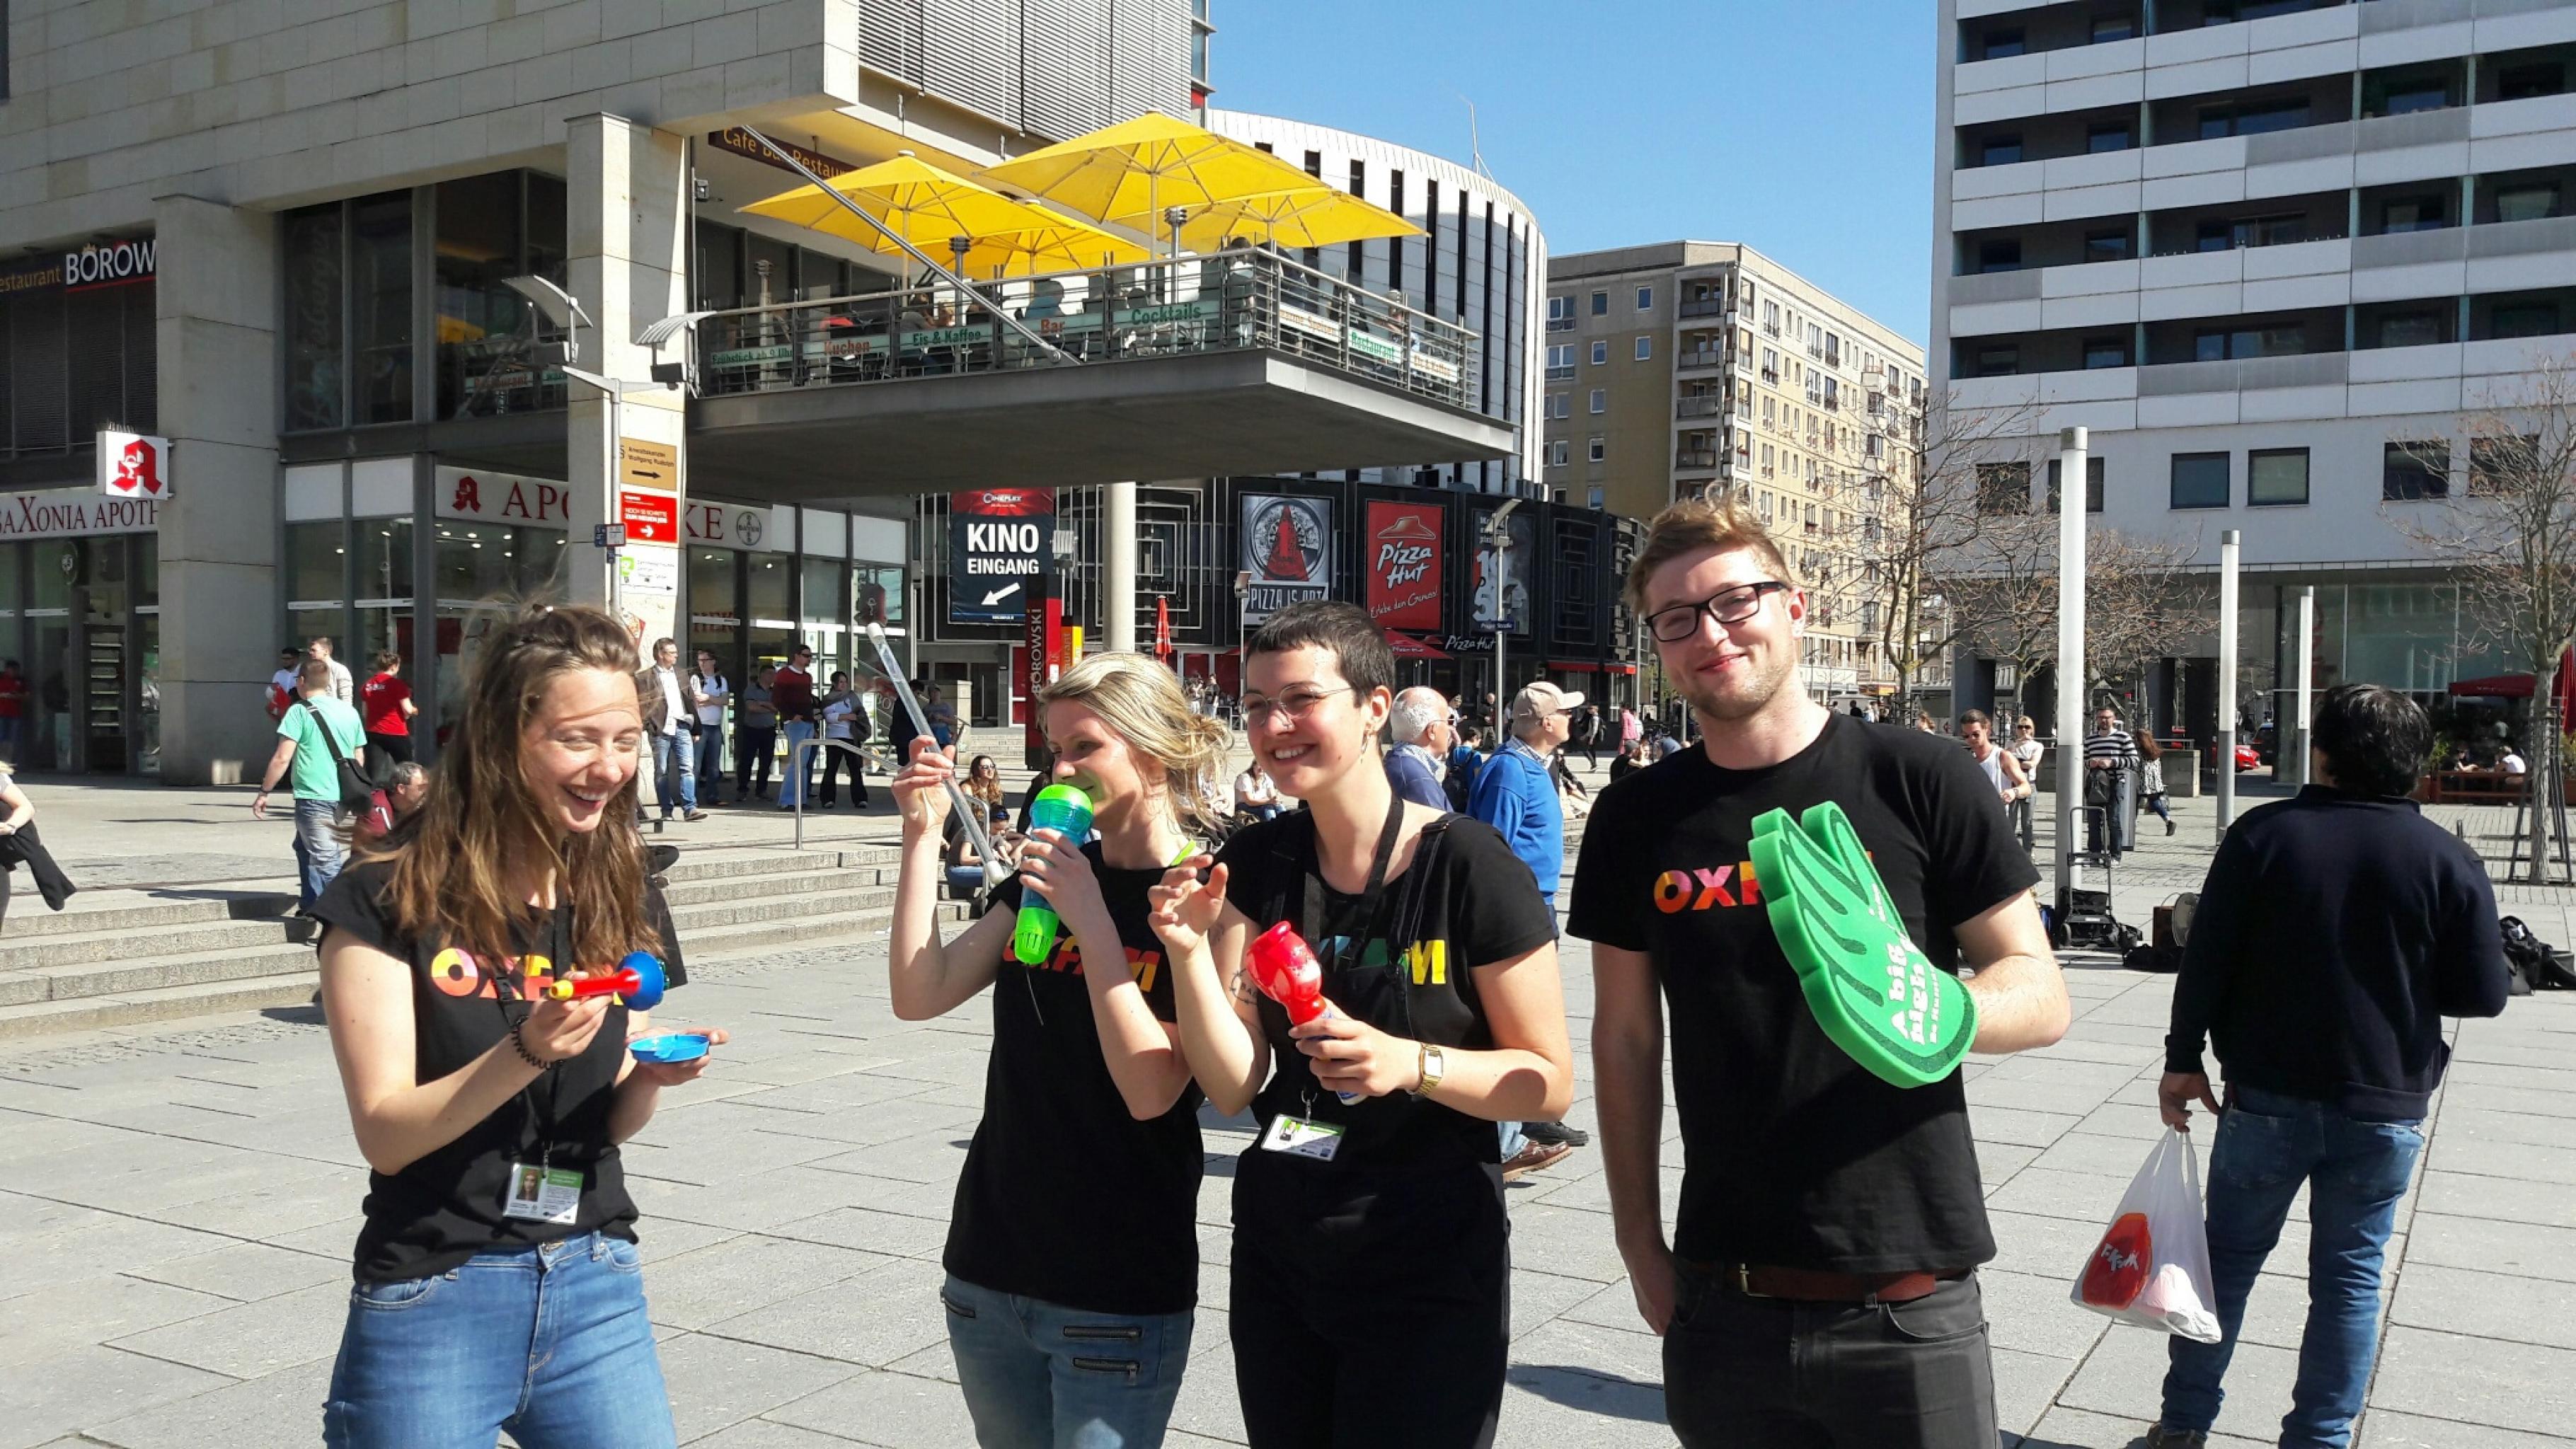 Vier junge Menschen mit Oxfam-T-Shirts bieten Unterhaltung in einer Fußgängerzone